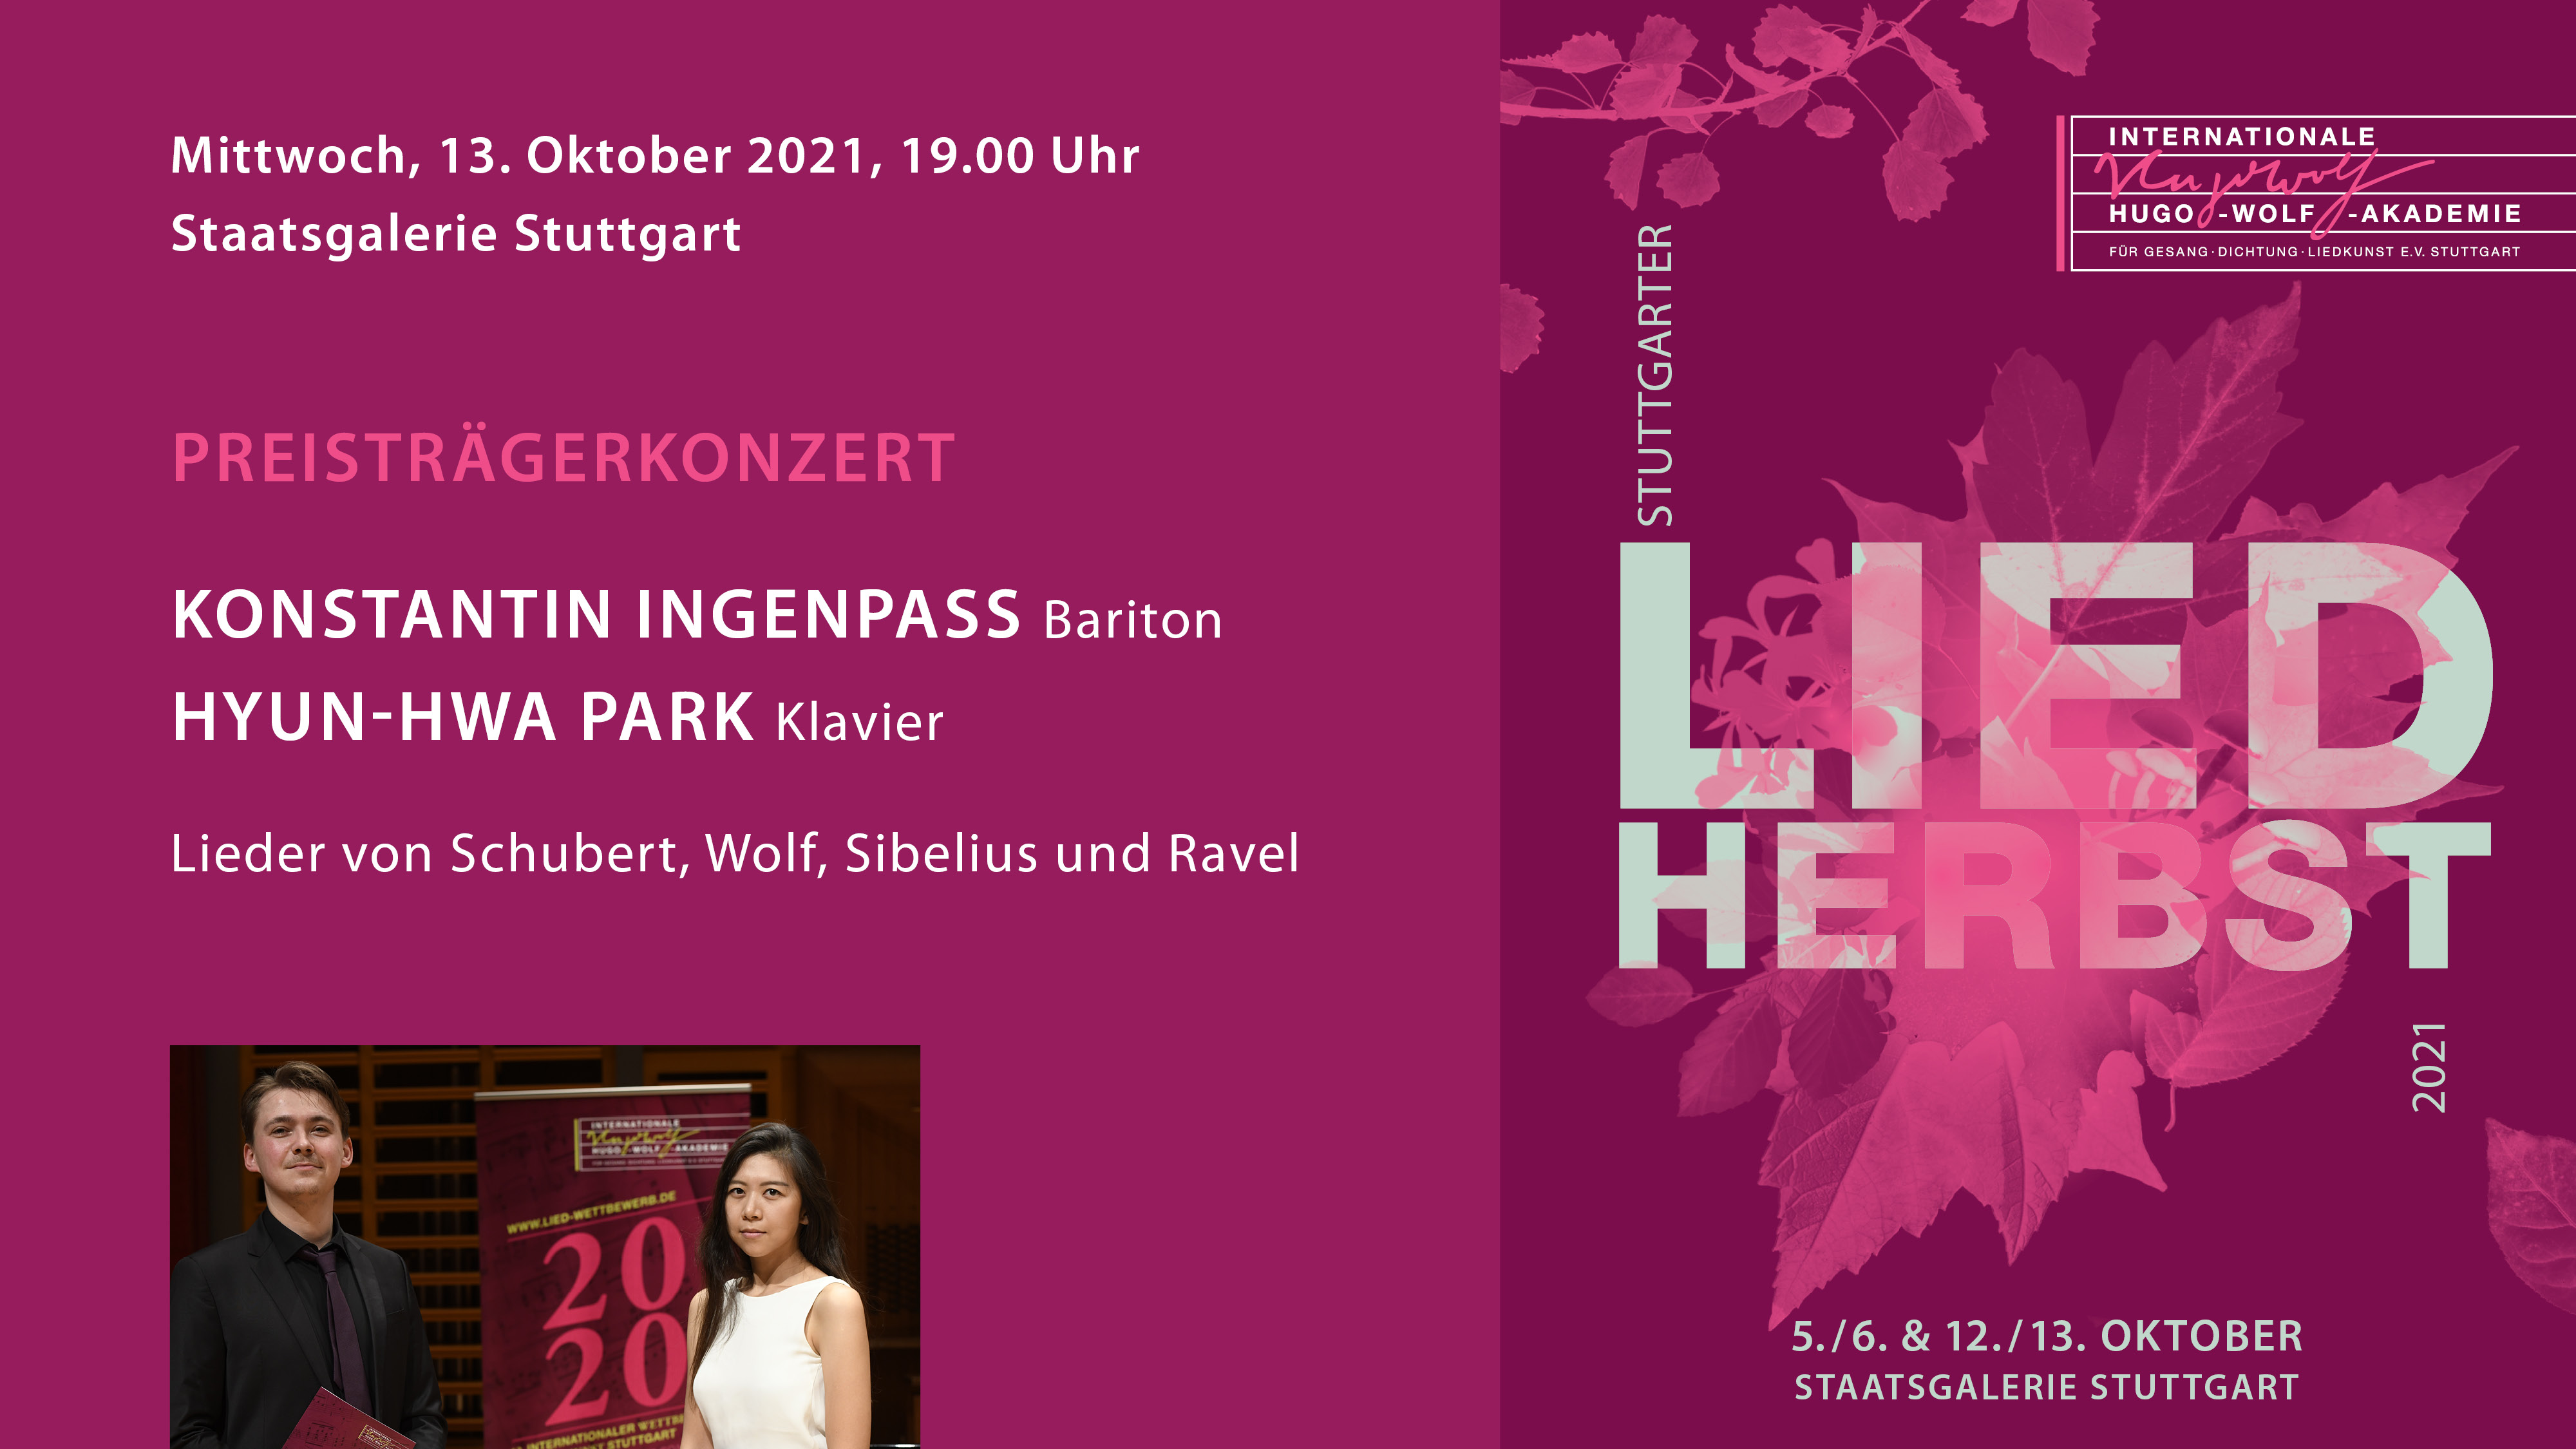 LiedHERBST: Preisträgerkonzert